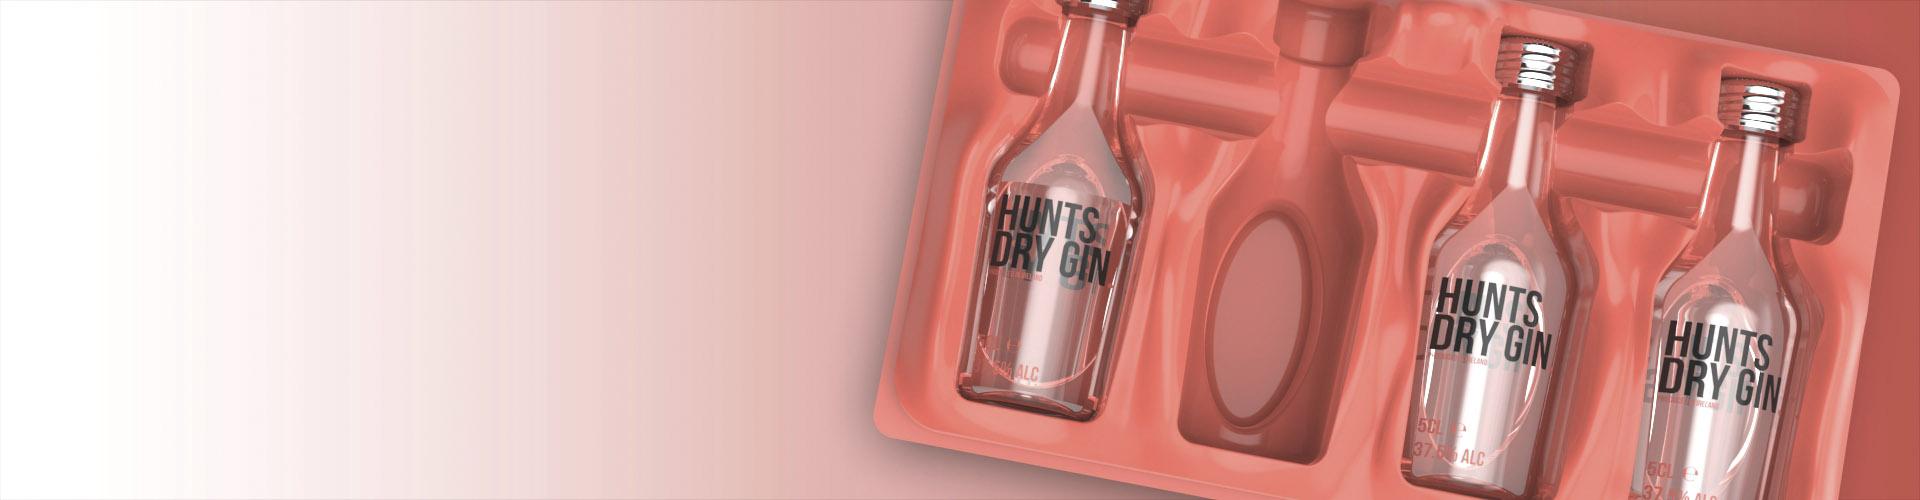 Mini Bottles Premium Drinks